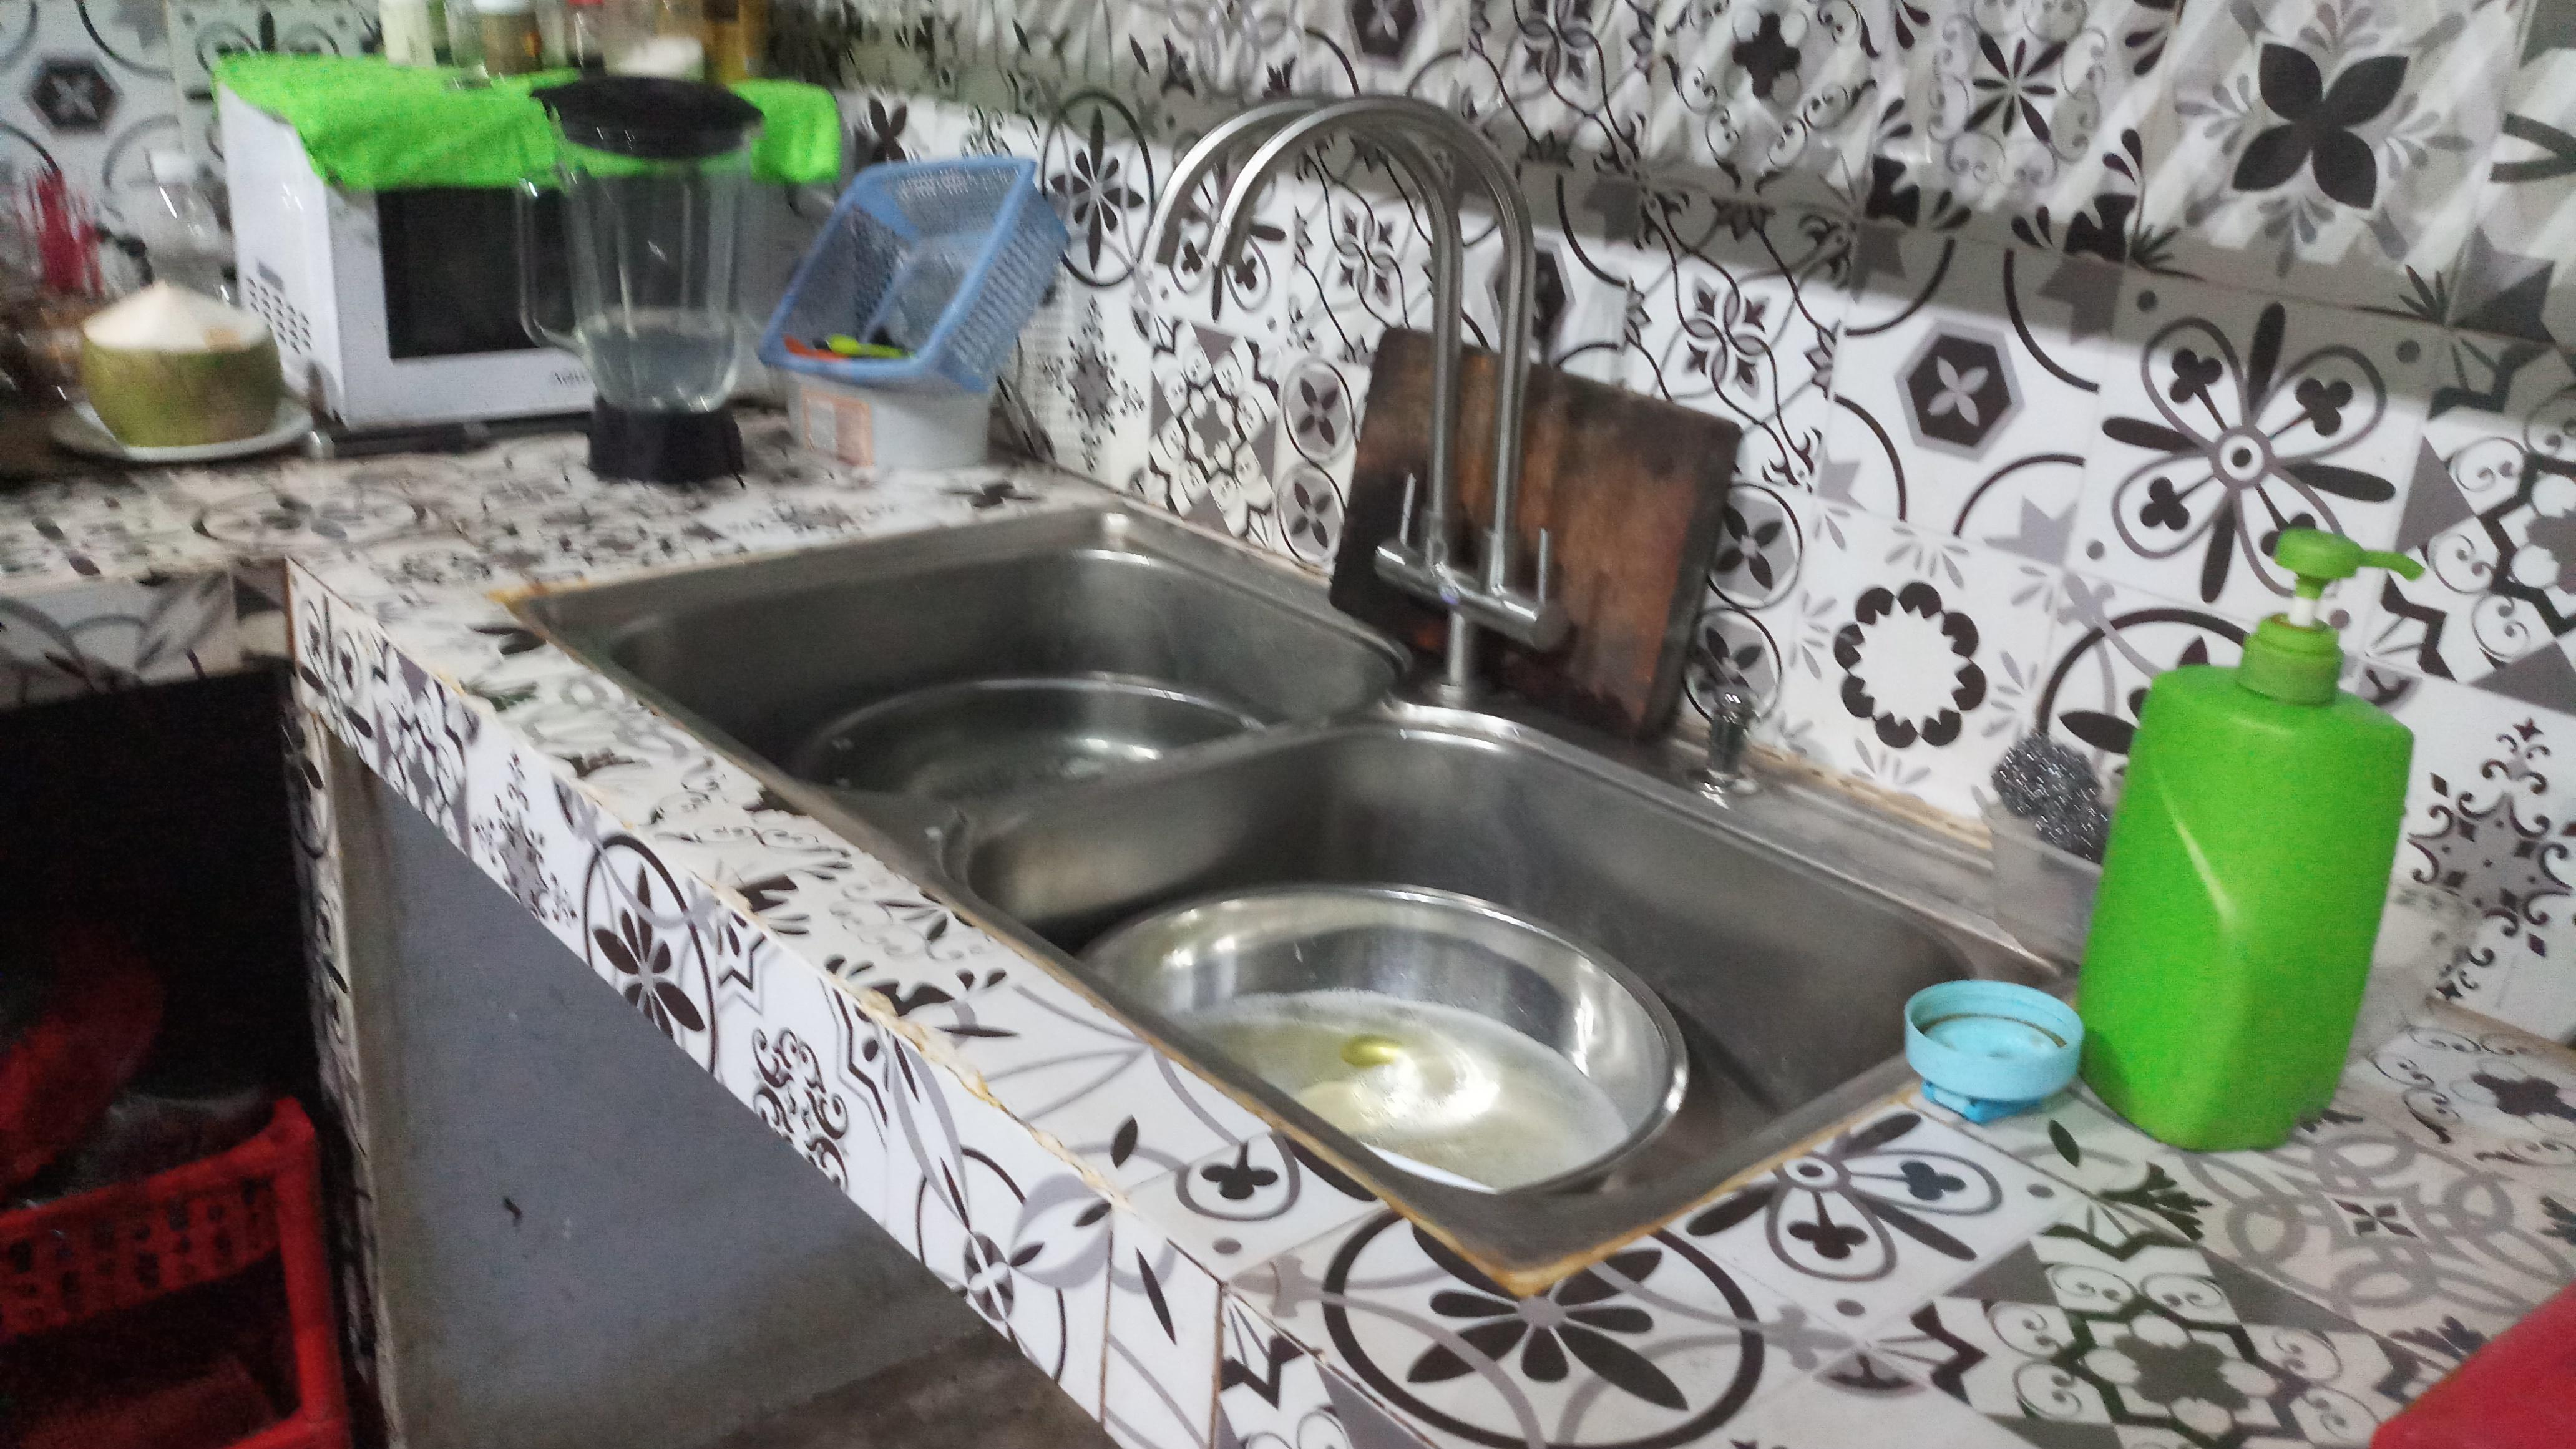 Bảng Giá Thông Nghẹt Bồn Rửa Chén Giá Rẻ Tại TPHCM